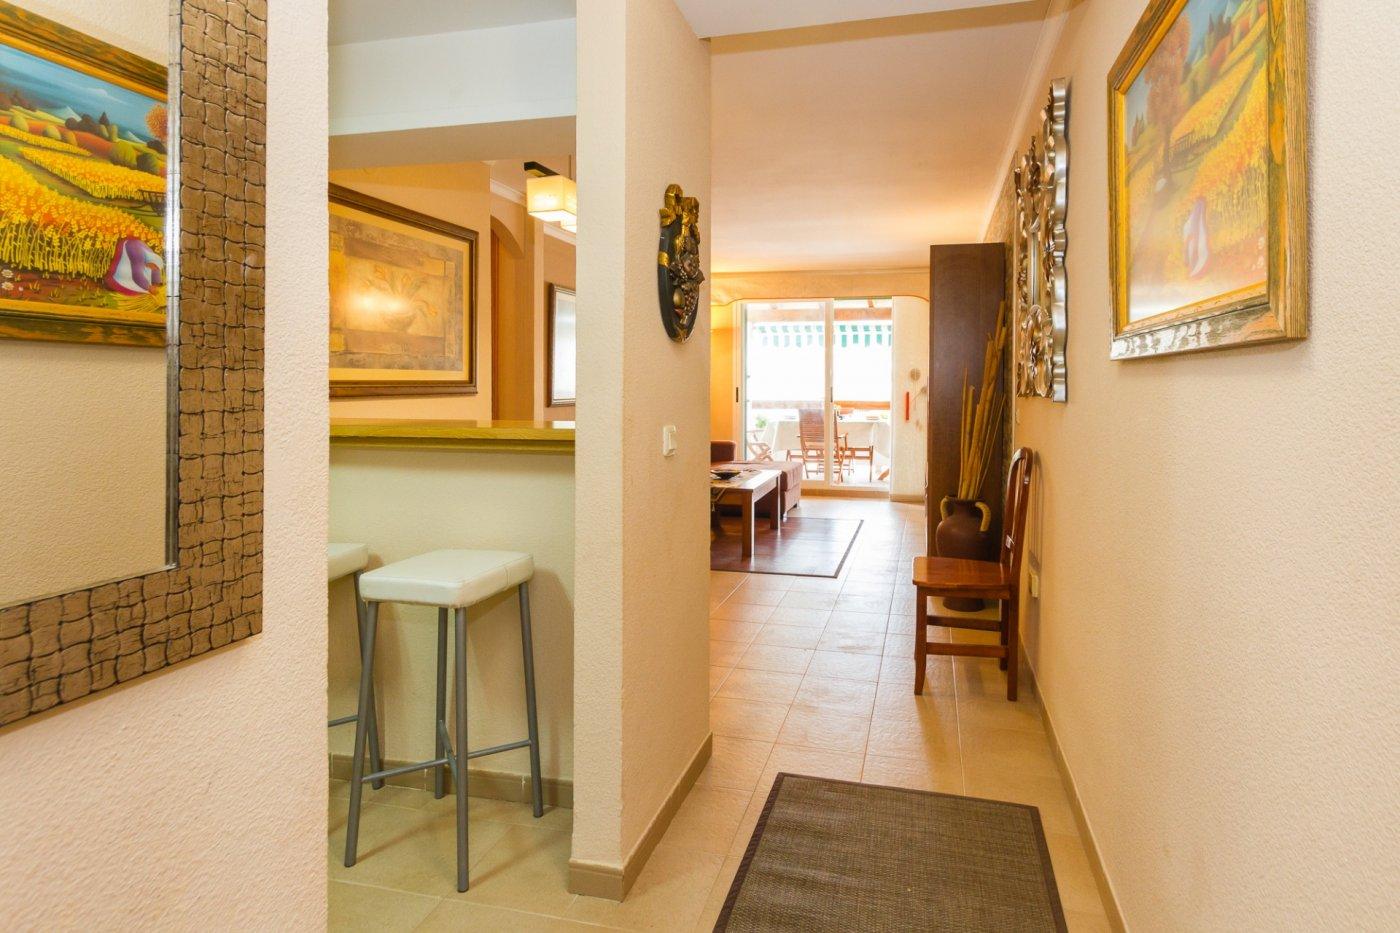 Venta de apartamento en xeraco - imagenInmueble21